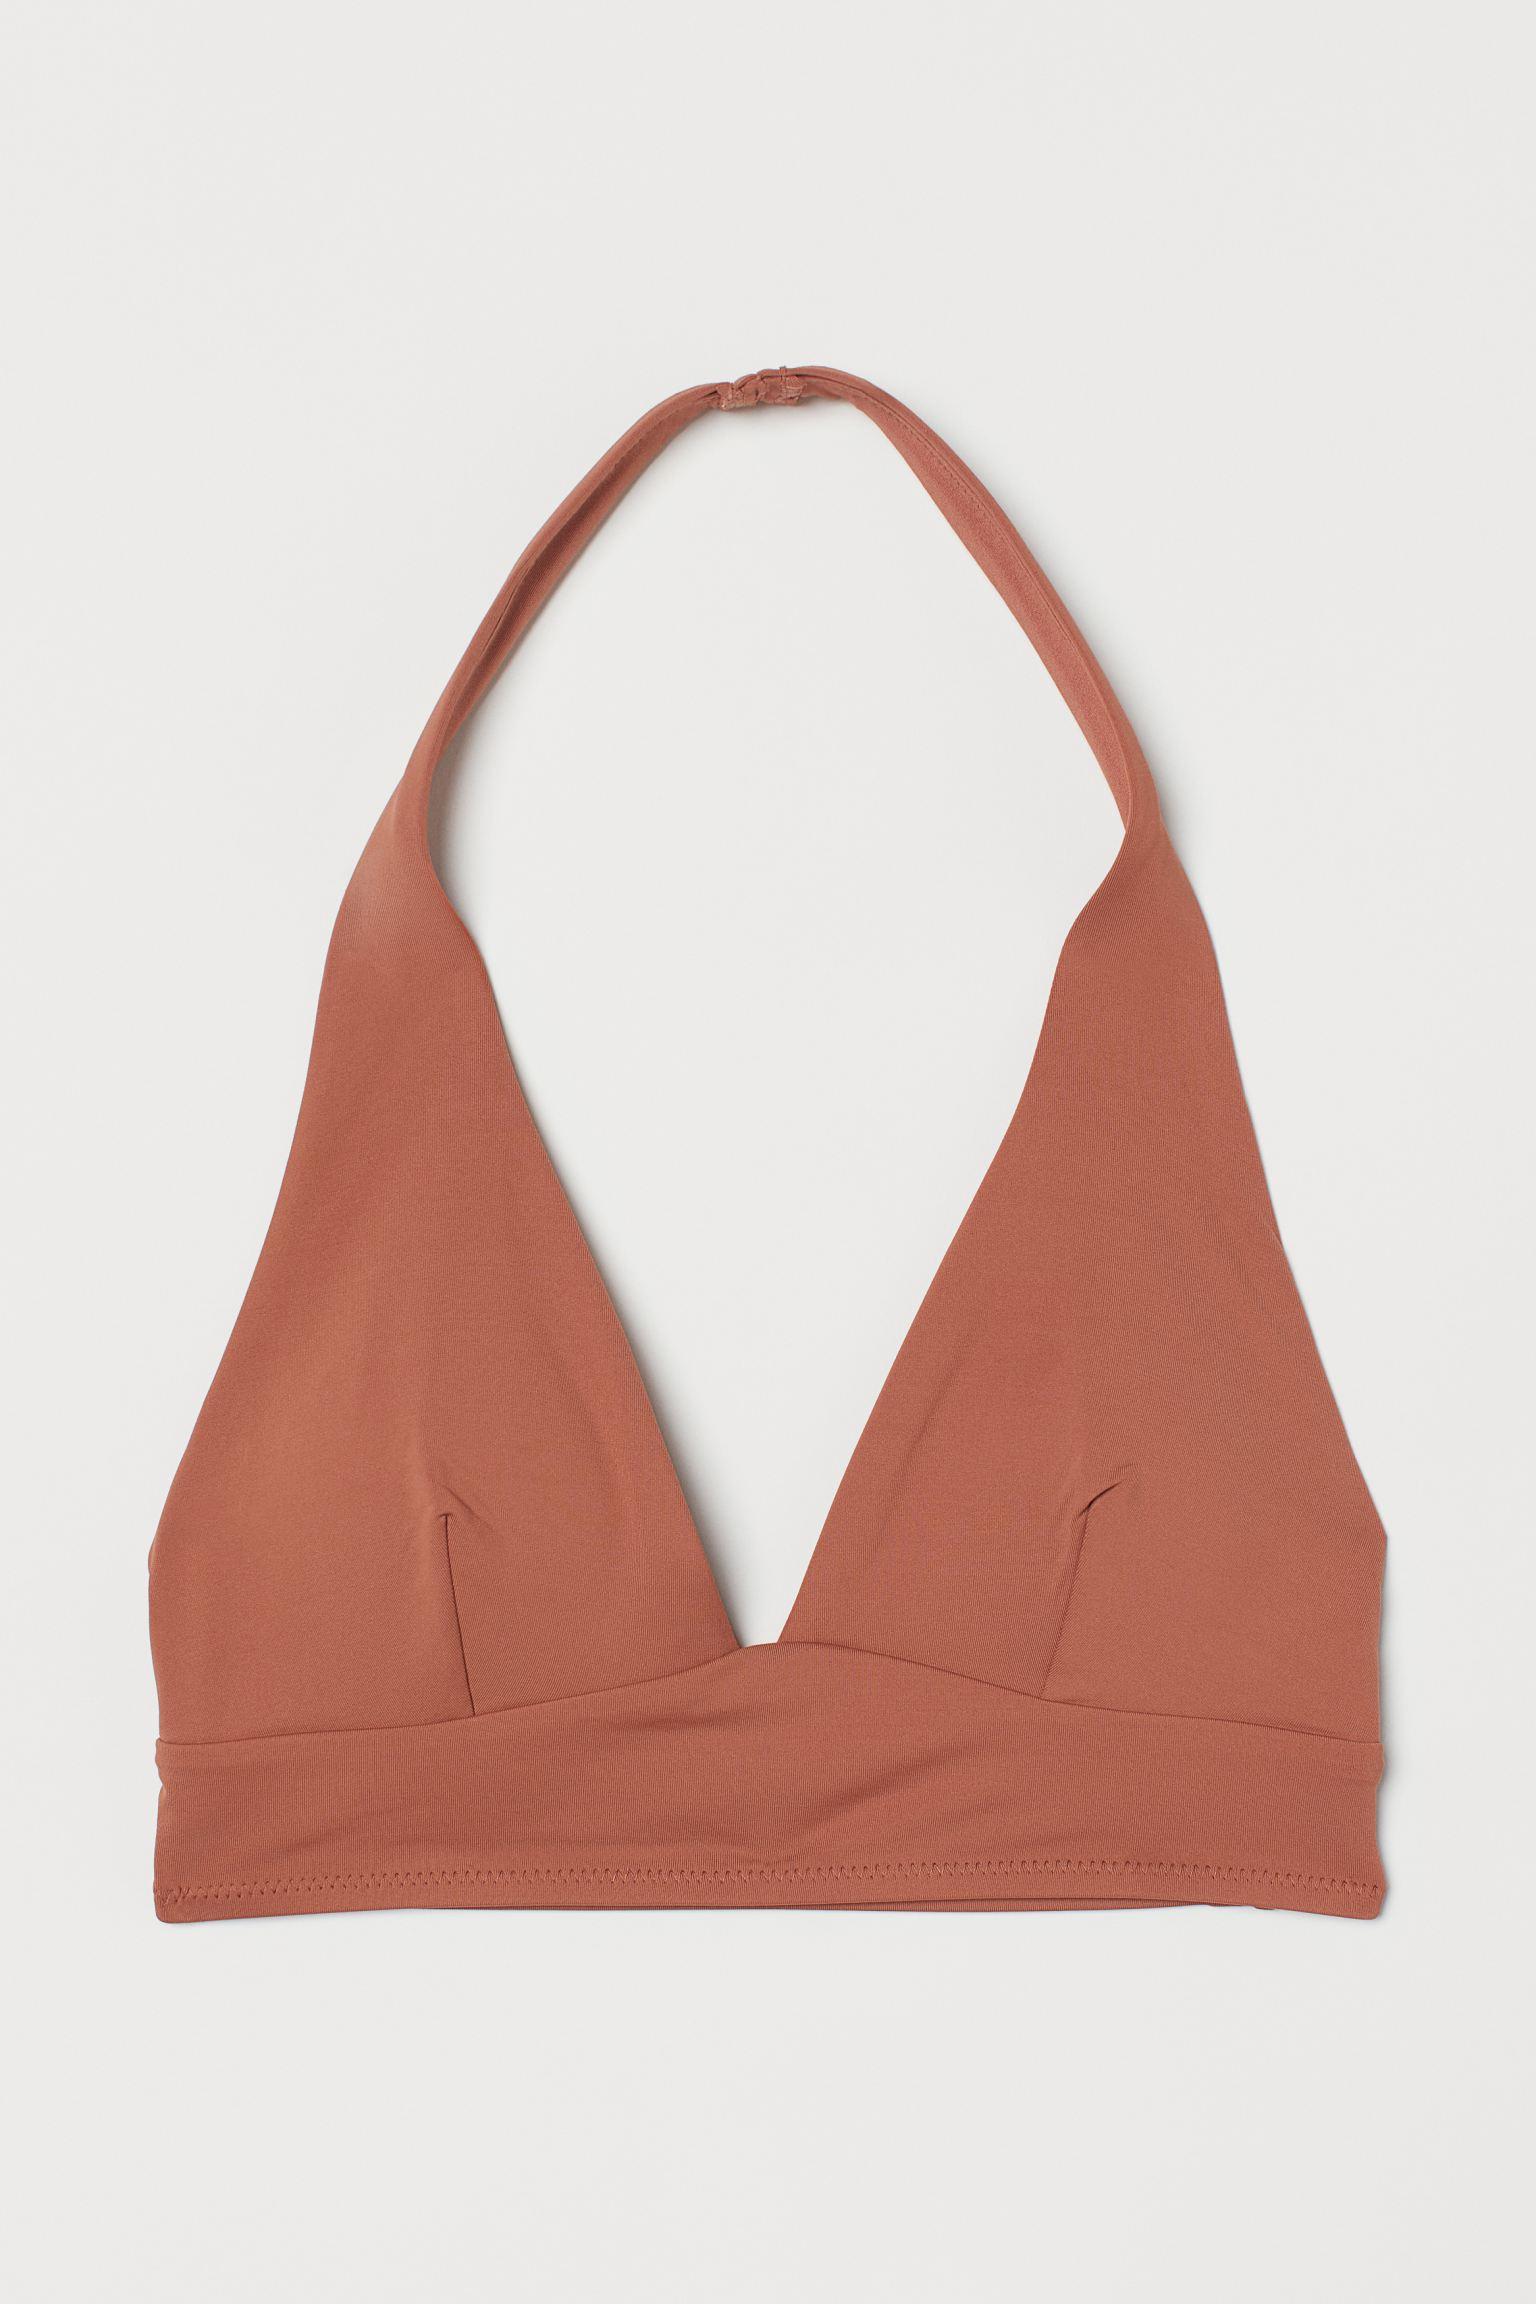 Top de bikini con escote halter y copas con relleno extraíble que moldean y proporcionan una buena sujeción. Sin cierre ni aros. Forrado.